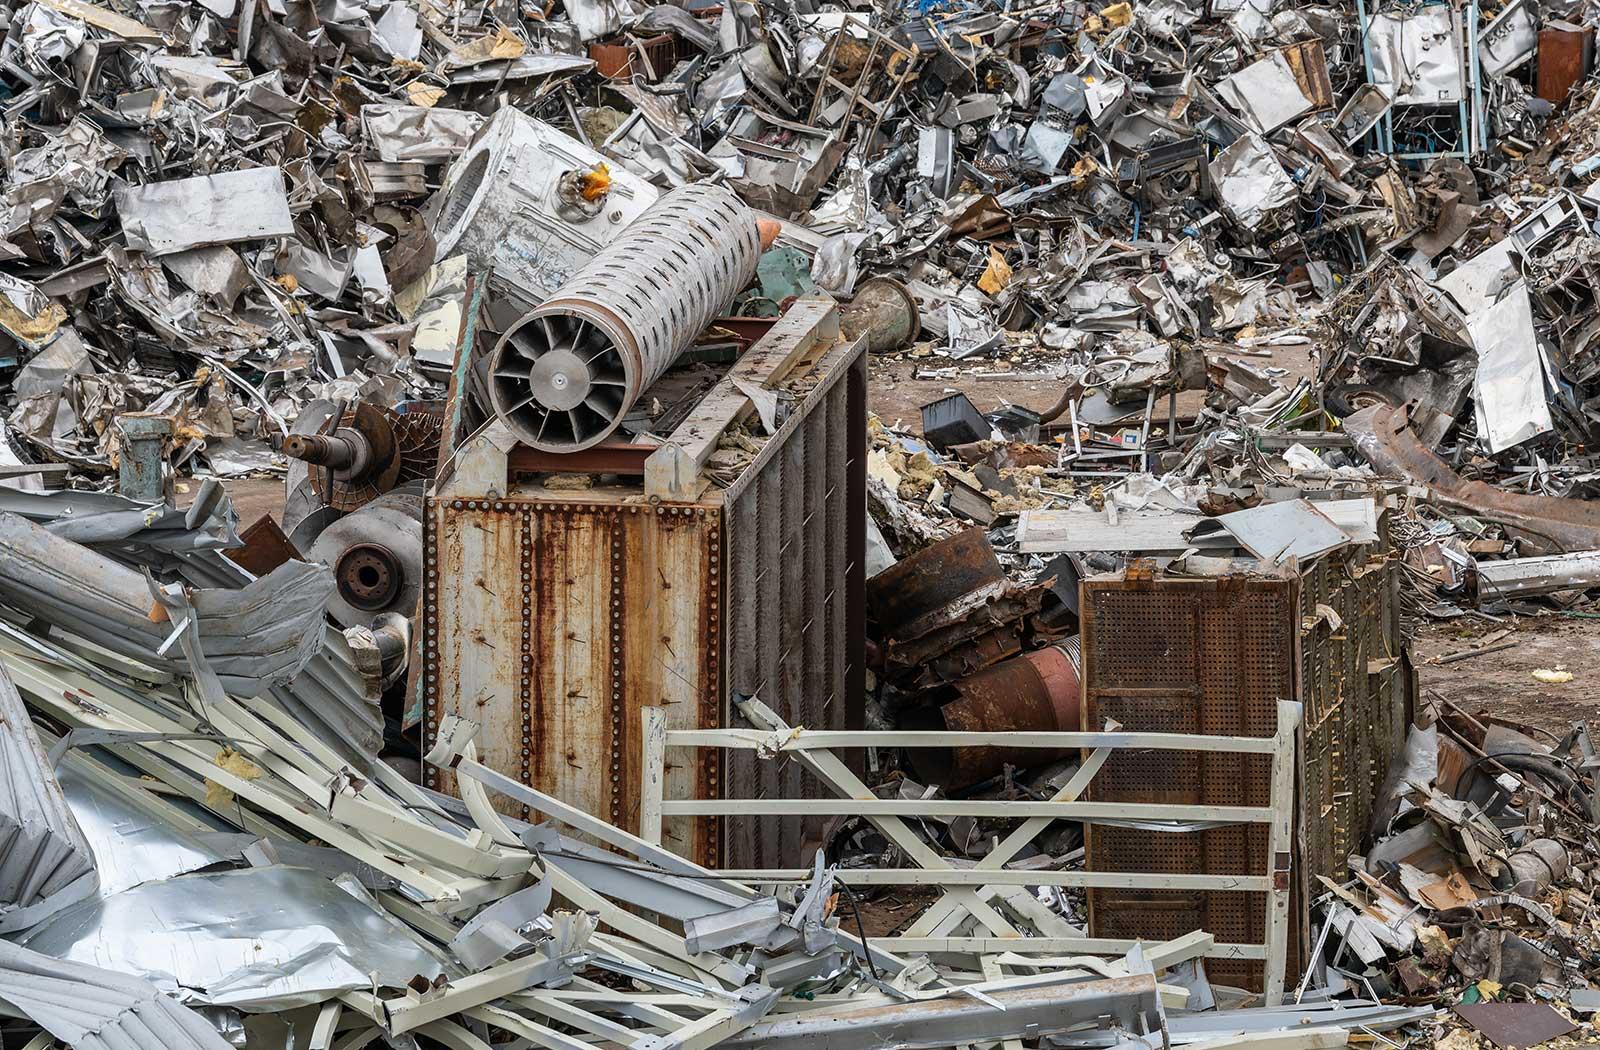 återvinning av metall